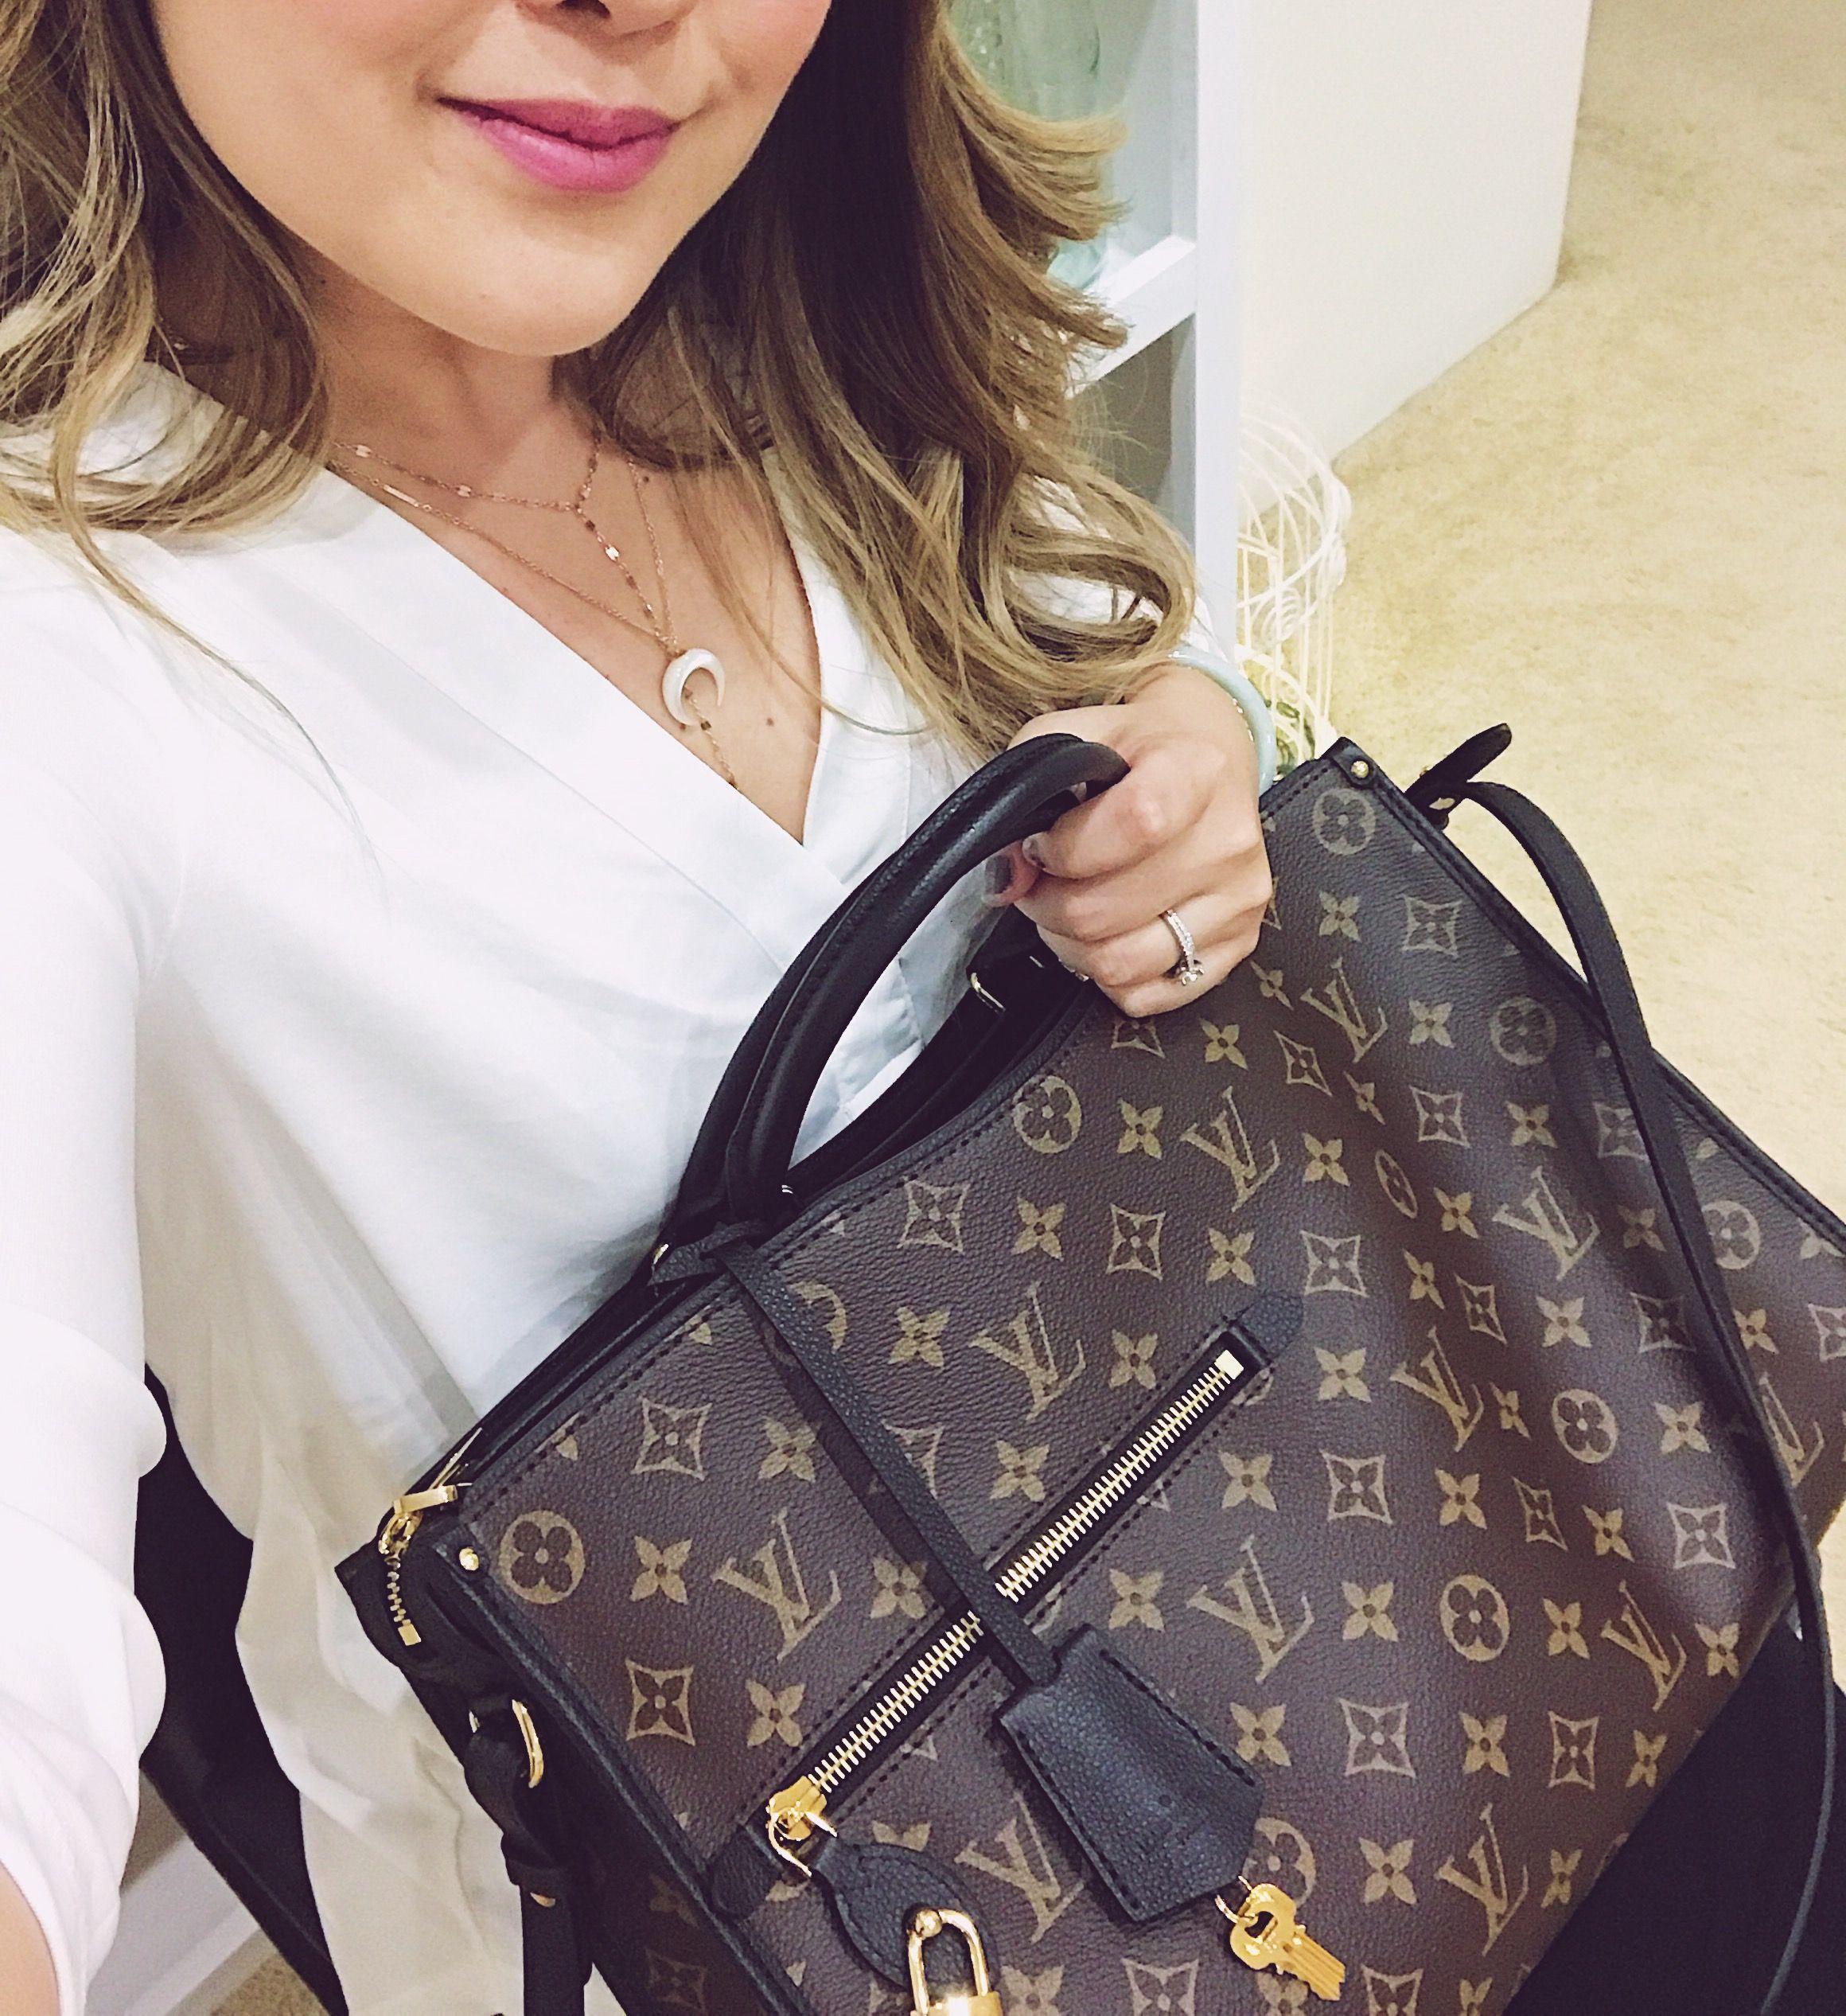 69a0d5aac33f Louis Vuitton Popincourt MM Louis Vuitton Handbags